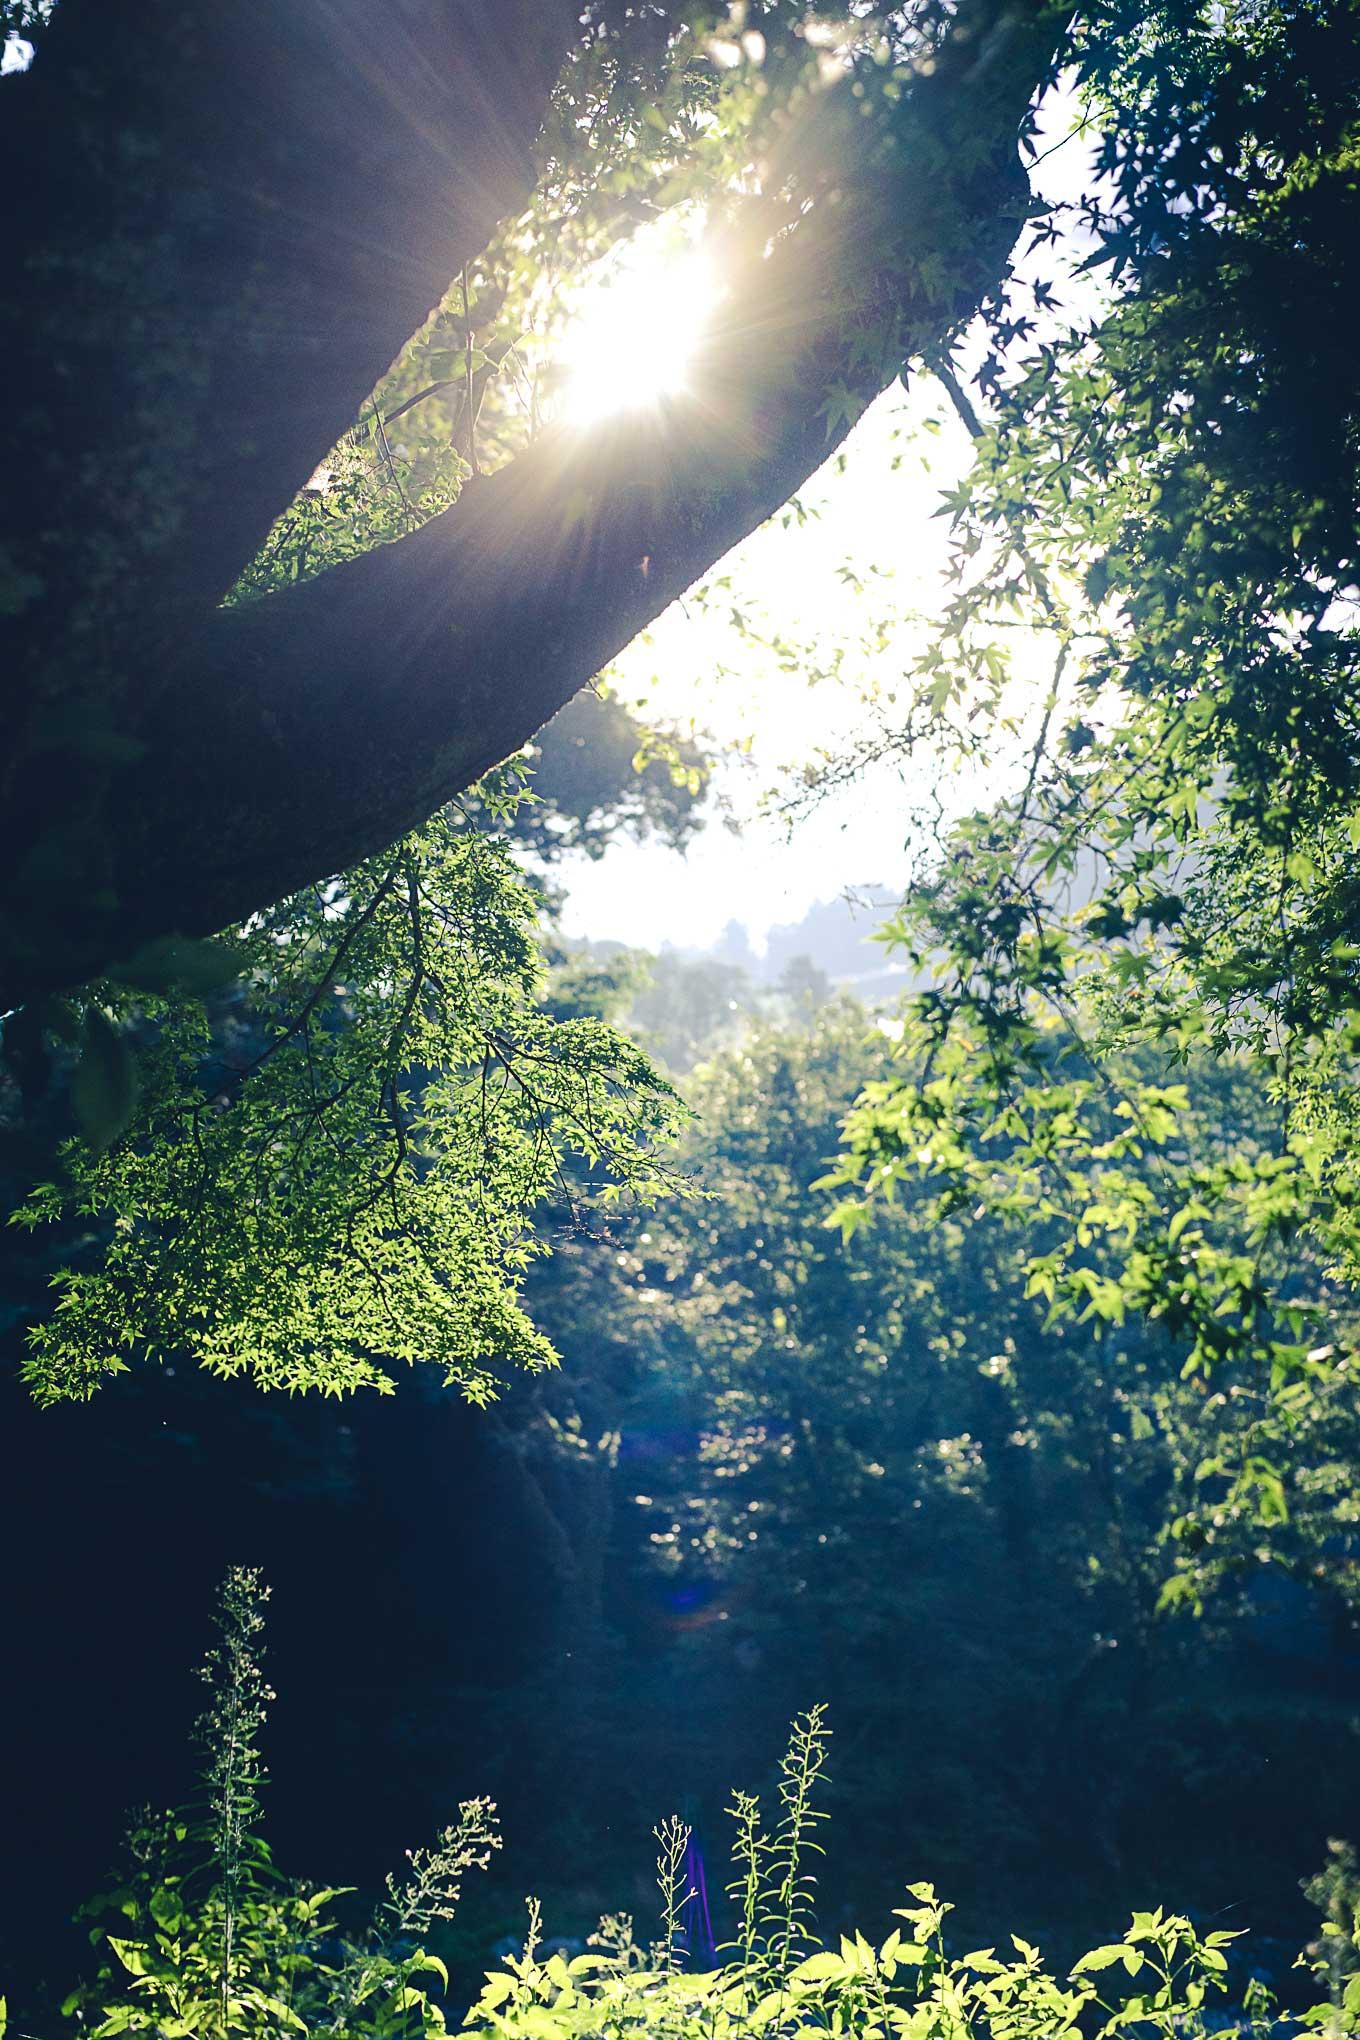 morning-picnic-3